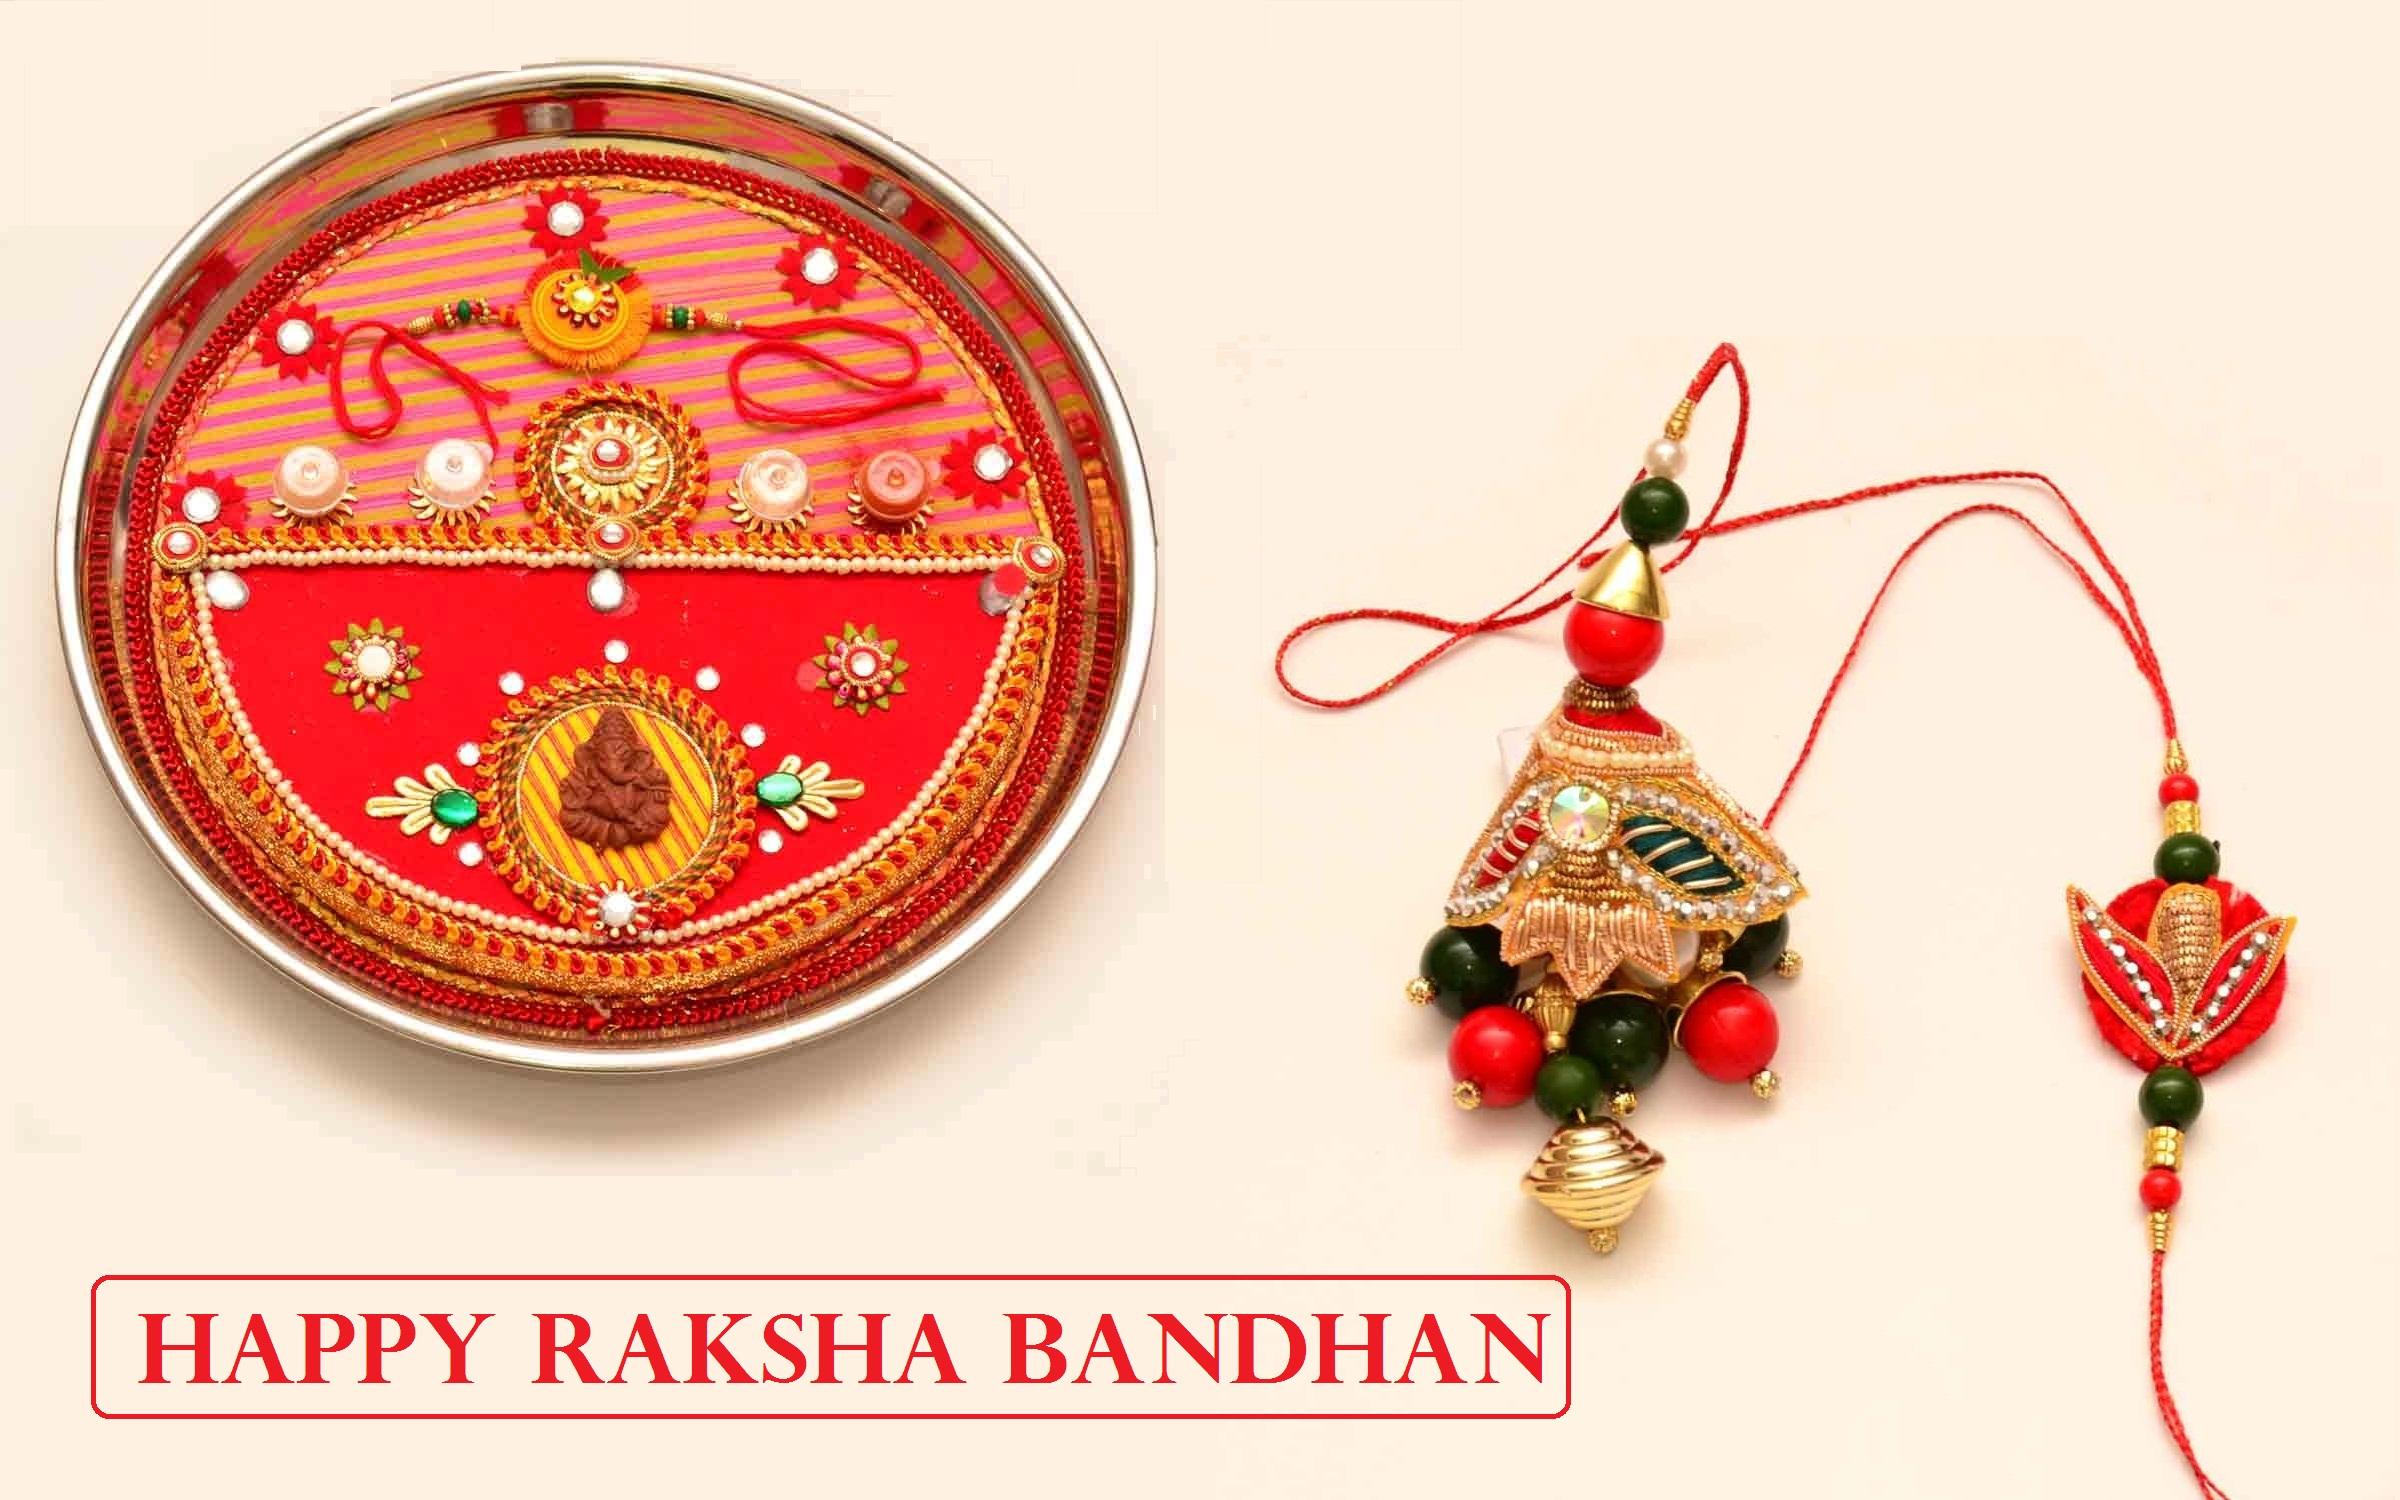 Raksha Bandhan 2015 Puja Timing Vidhi Shubh Muhurat to Tie Rakhi